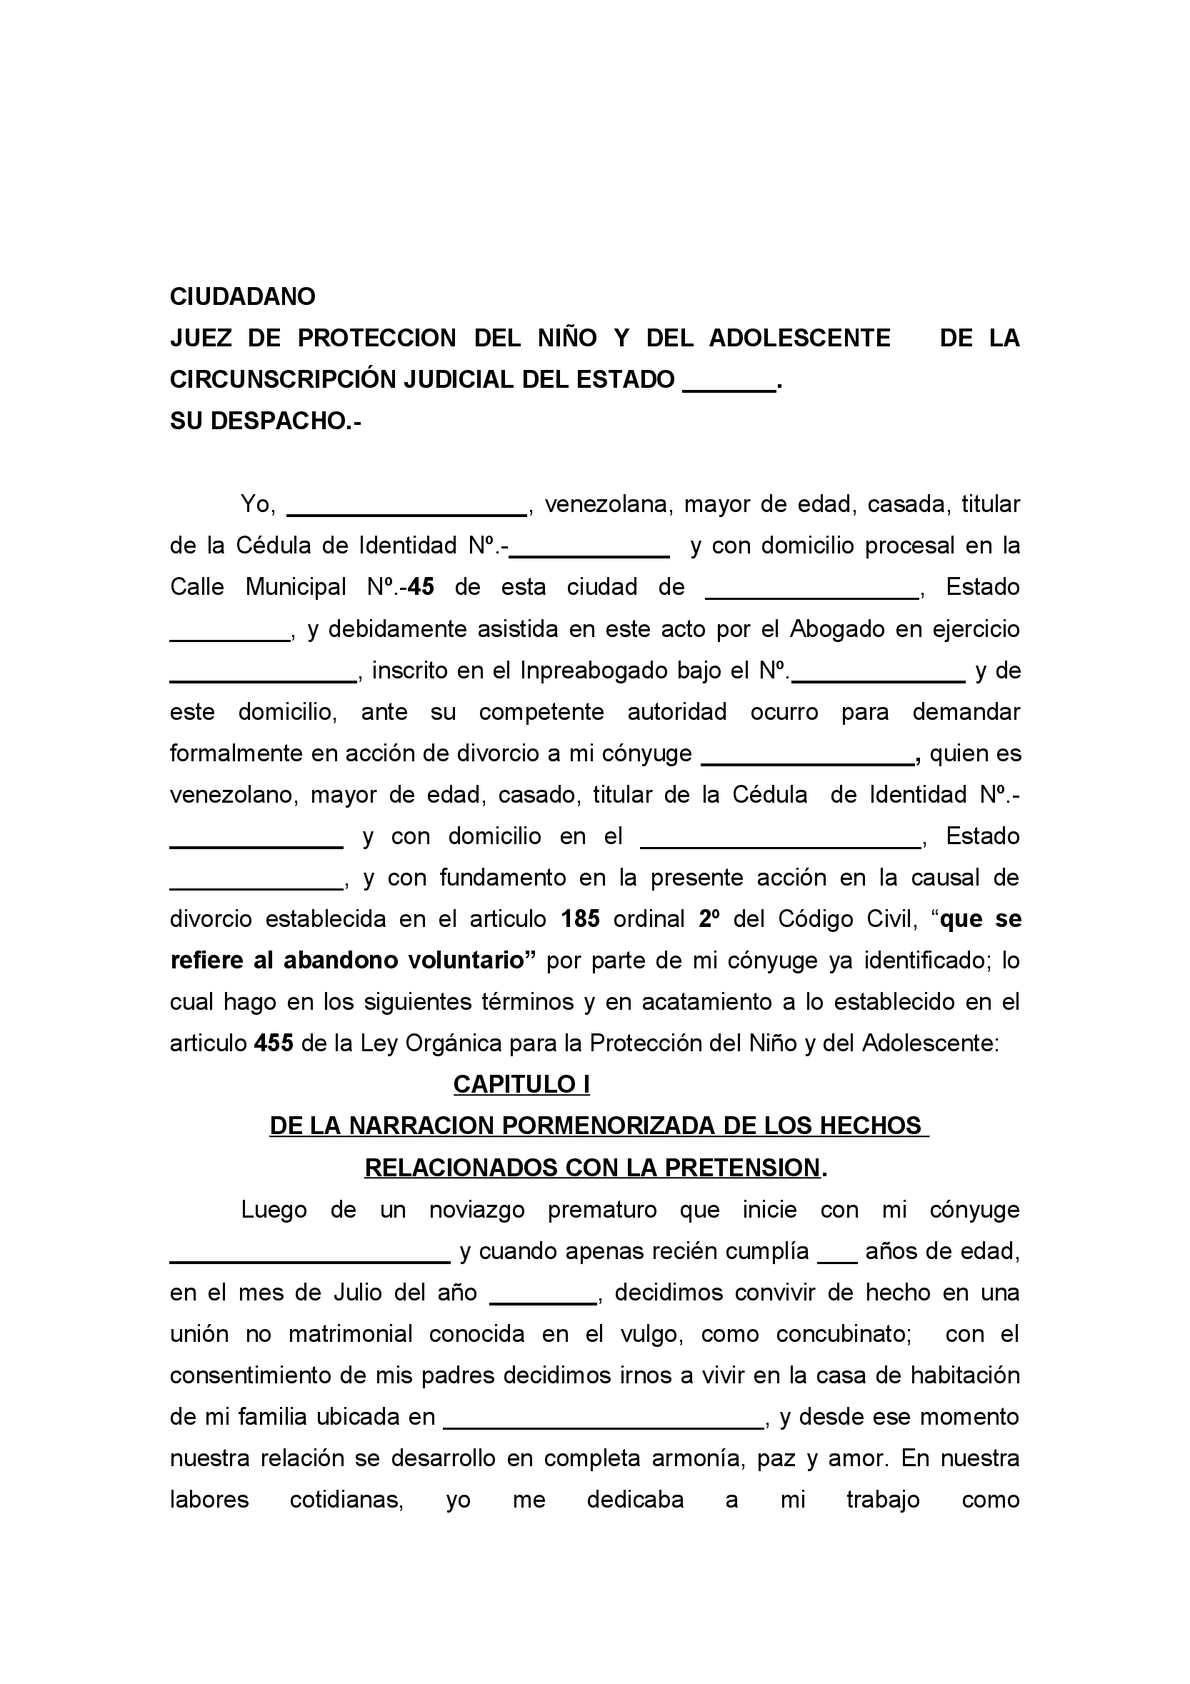 Calam o divorcio 185 con ordinales 2 y 3 - Separacion sin hijos quien se queda en casa ...